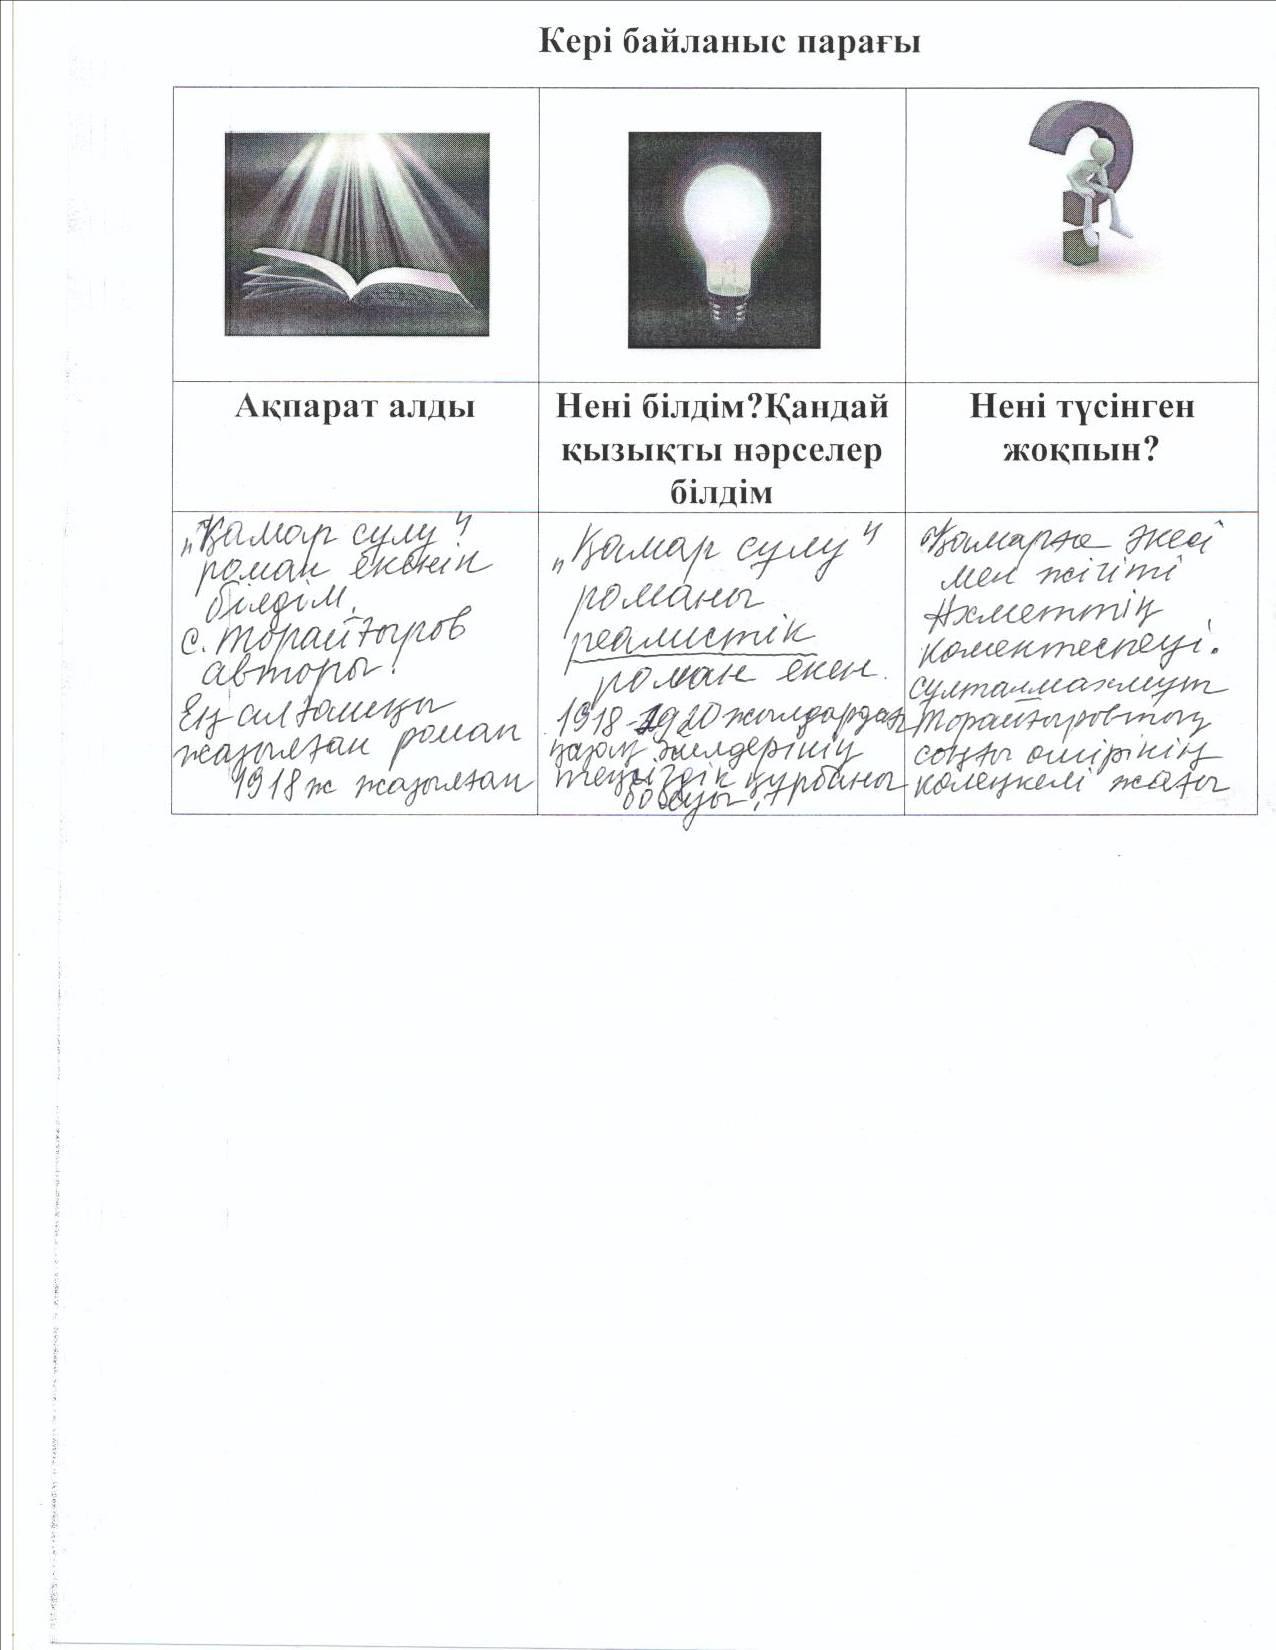 D:\Мои документы\Мои рисунки\Диктант\Диктант 016.jpg